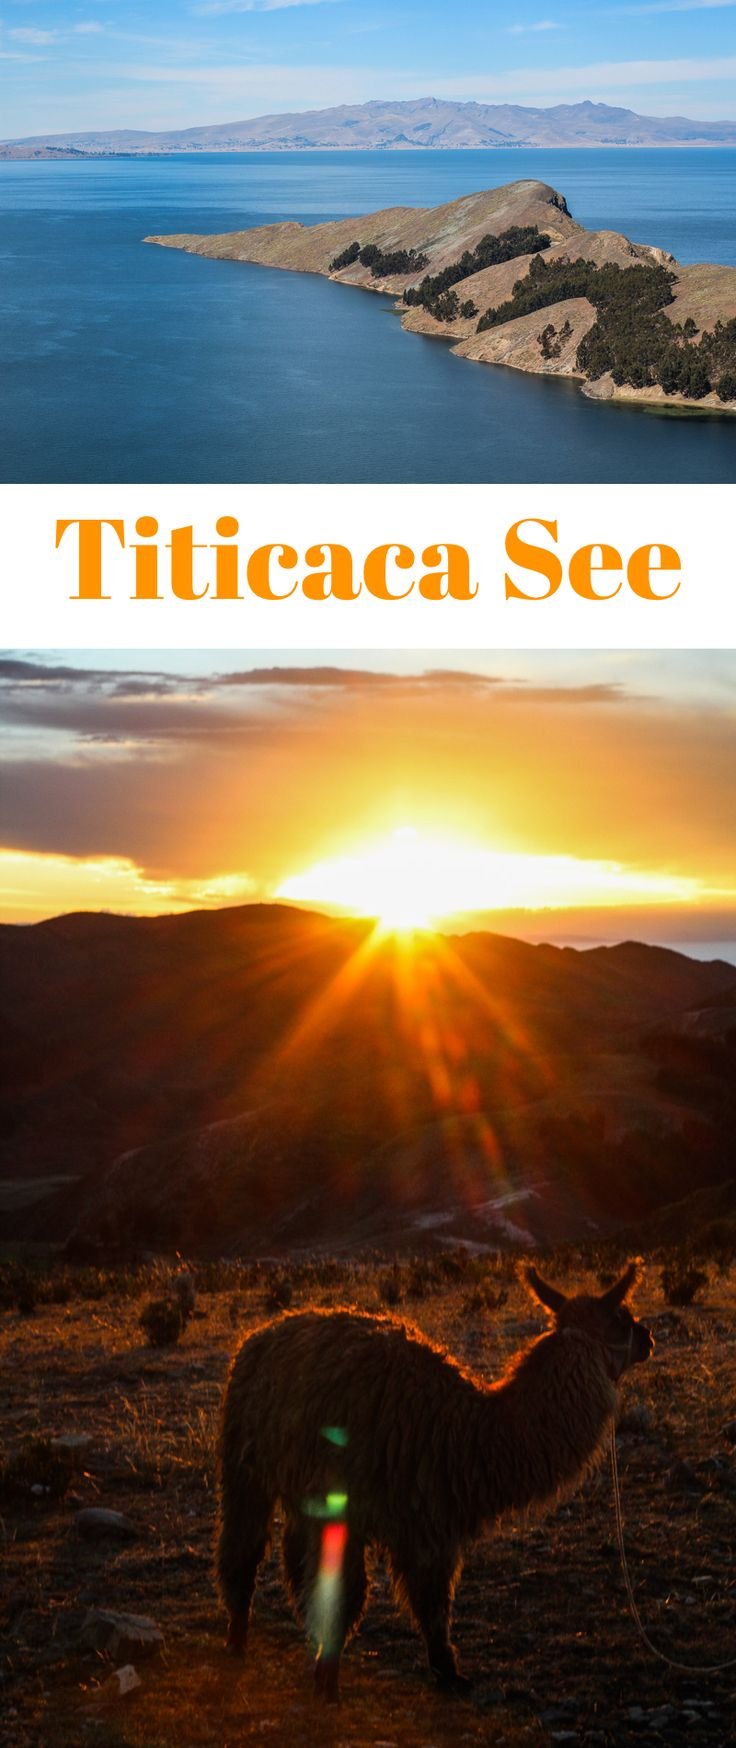 Titicaca See in Bolivien mein Bericht über die Isla del Sol..